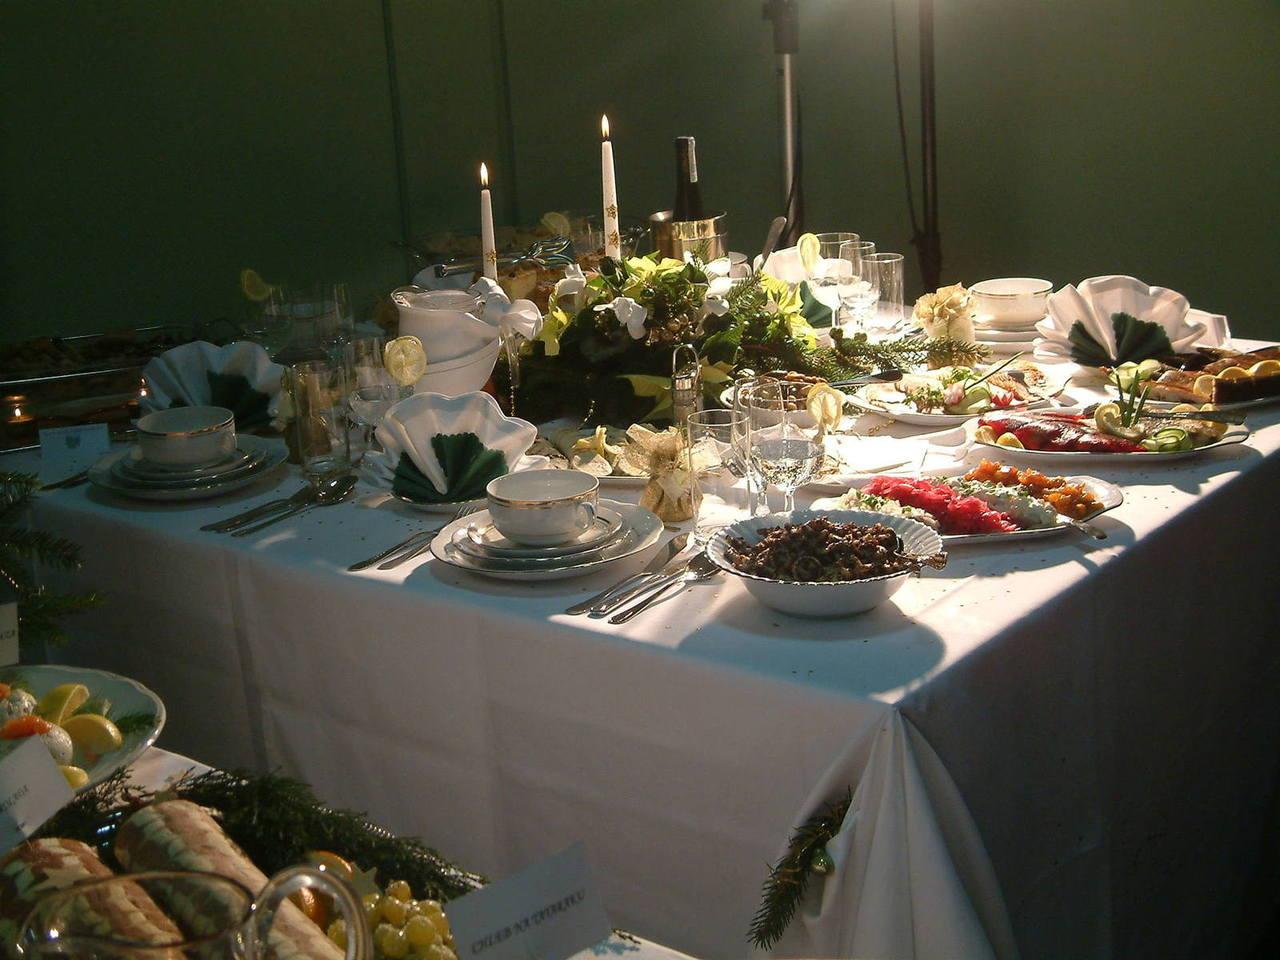 christams-table-1170478-1280x960